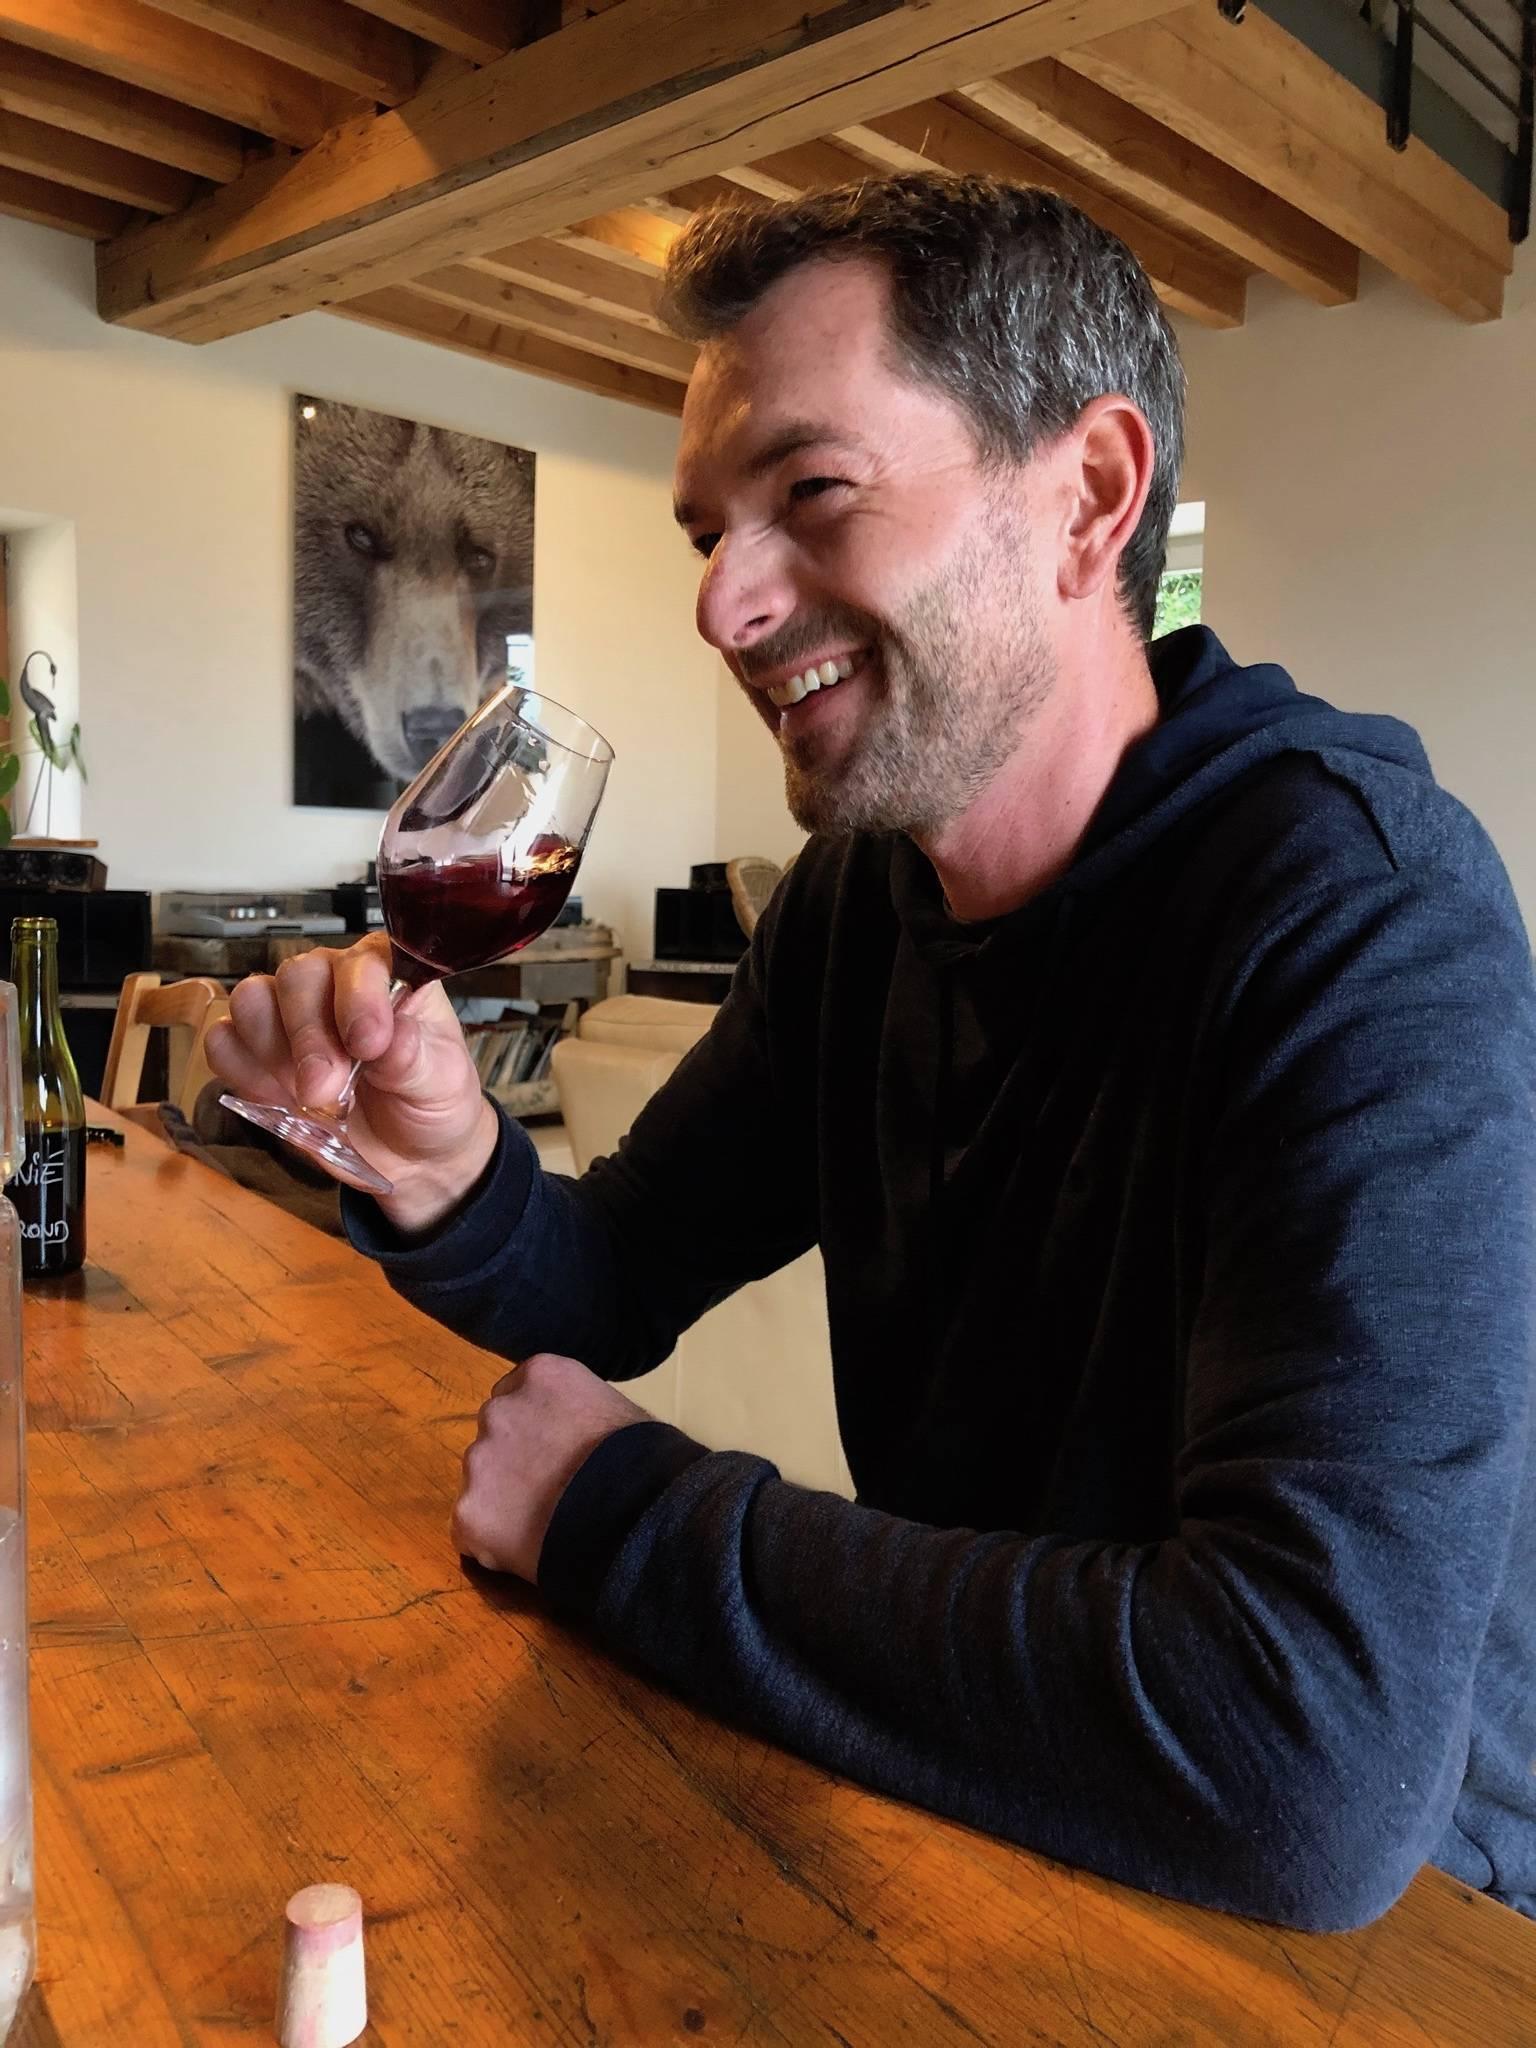 France, vin nature, rawwine, organic wine, vin bio, vin sans intrants, bistro brute, vin rouge, vin blanc, rouge, blanc, nature, vin propre, vigneron, vigneron indépendant, domaine bio, biodynamie, vigneron nature, cave vin naturel, cave vin, caviste, vin biodynamique, bistro brute, Quimper, Finistère , antoine sunier, régnié, morgon, beaujolais